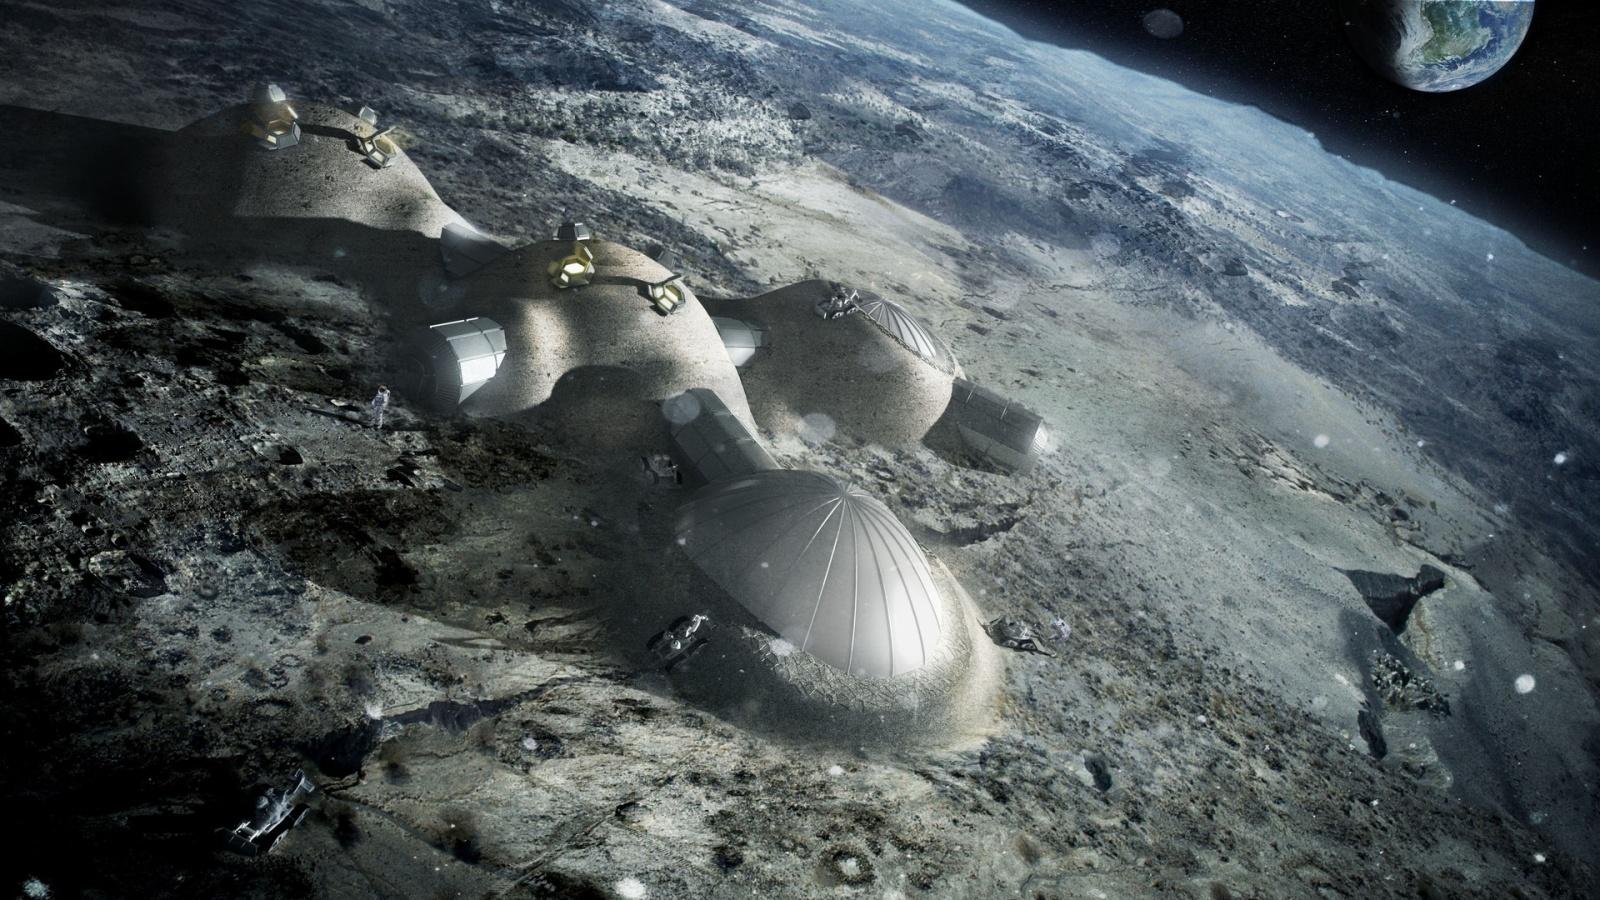 Профессии будущего: Когда мы полетим в космос? - 14